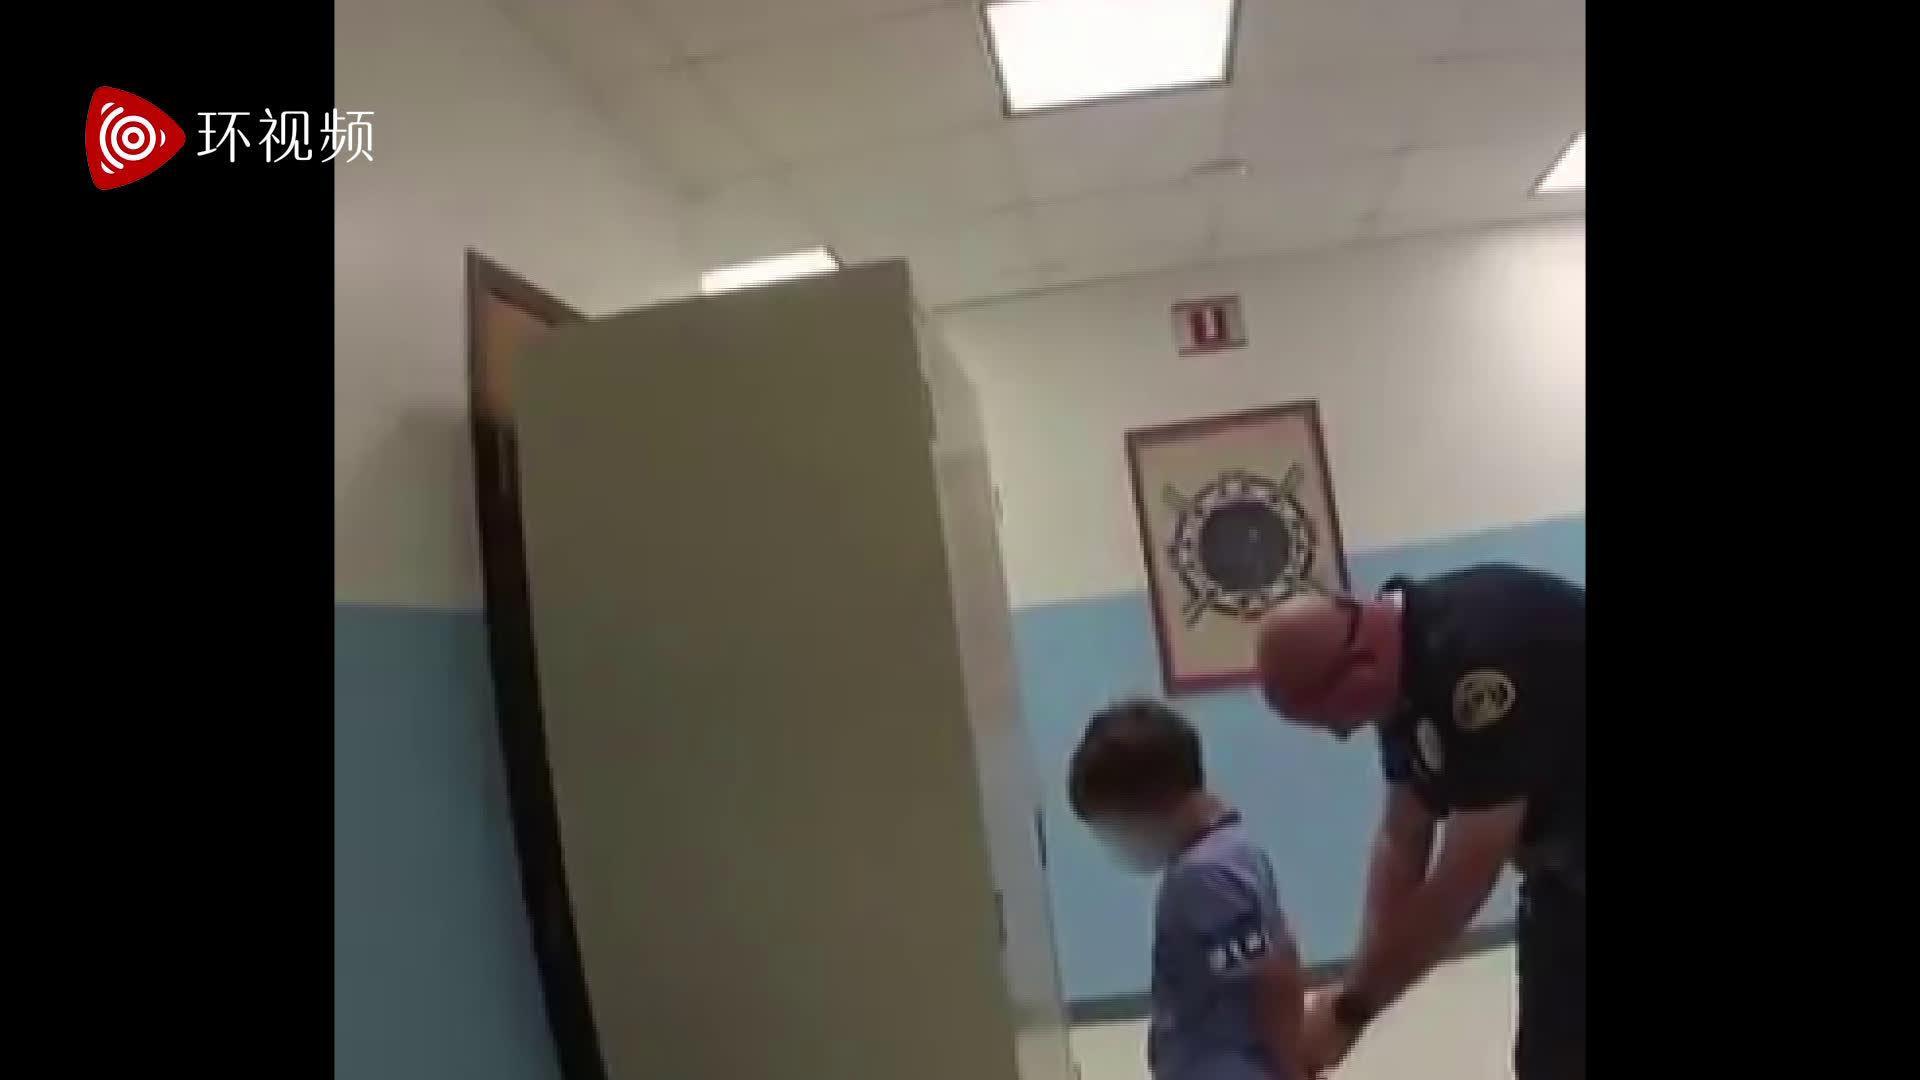 美国8岁男孩与老师争执后背警察铐手铐带走:知道你会去哪吗?